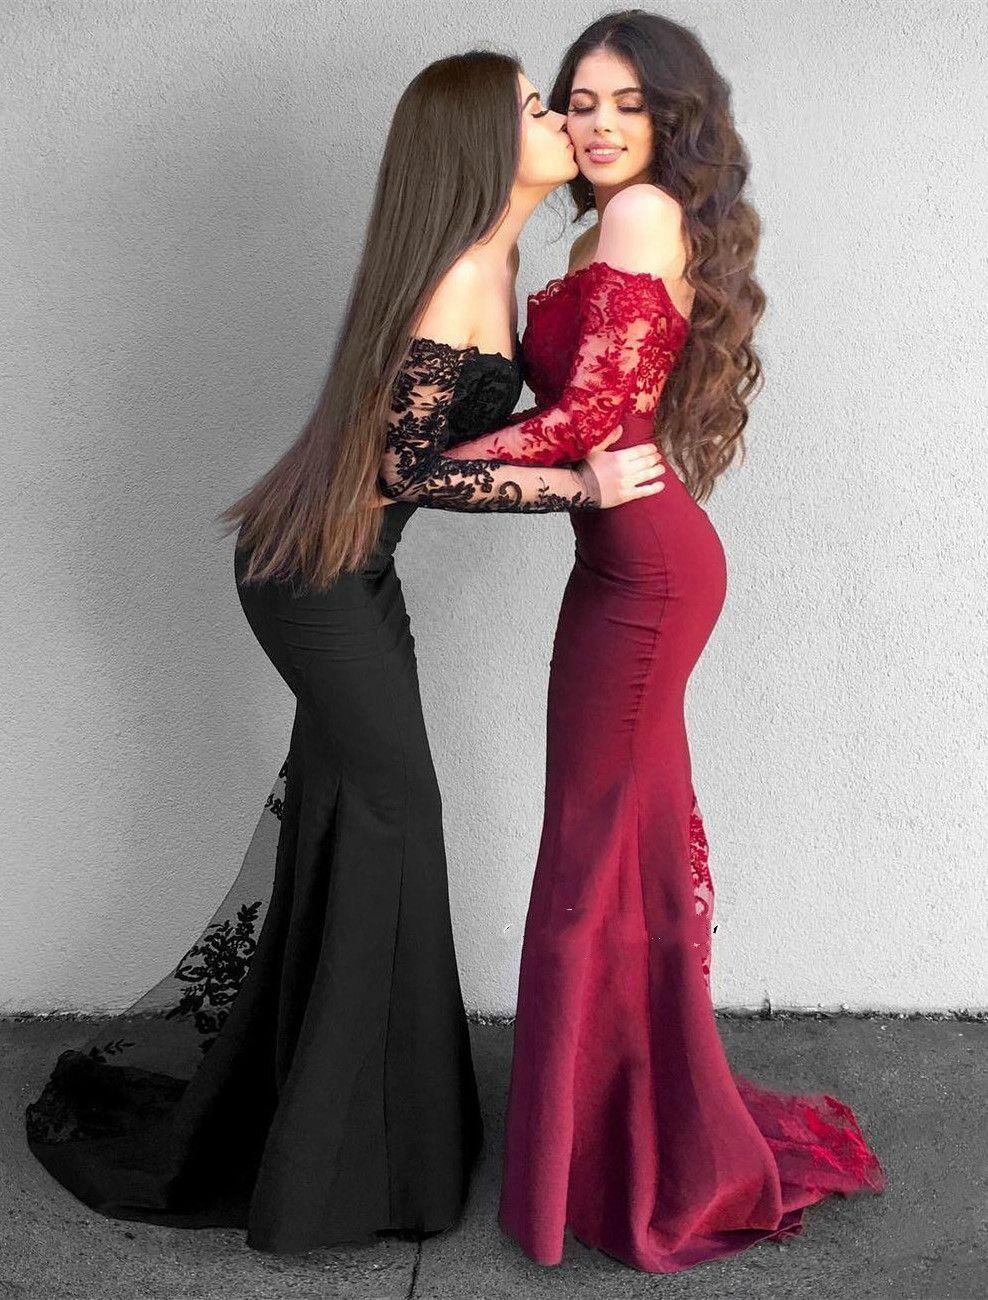 Robes de bal de sirène de dentelle rouge noir noir appliques de l'épaule manches longues occasionnels robes robes de soirée robe de demoiselle d'honneur